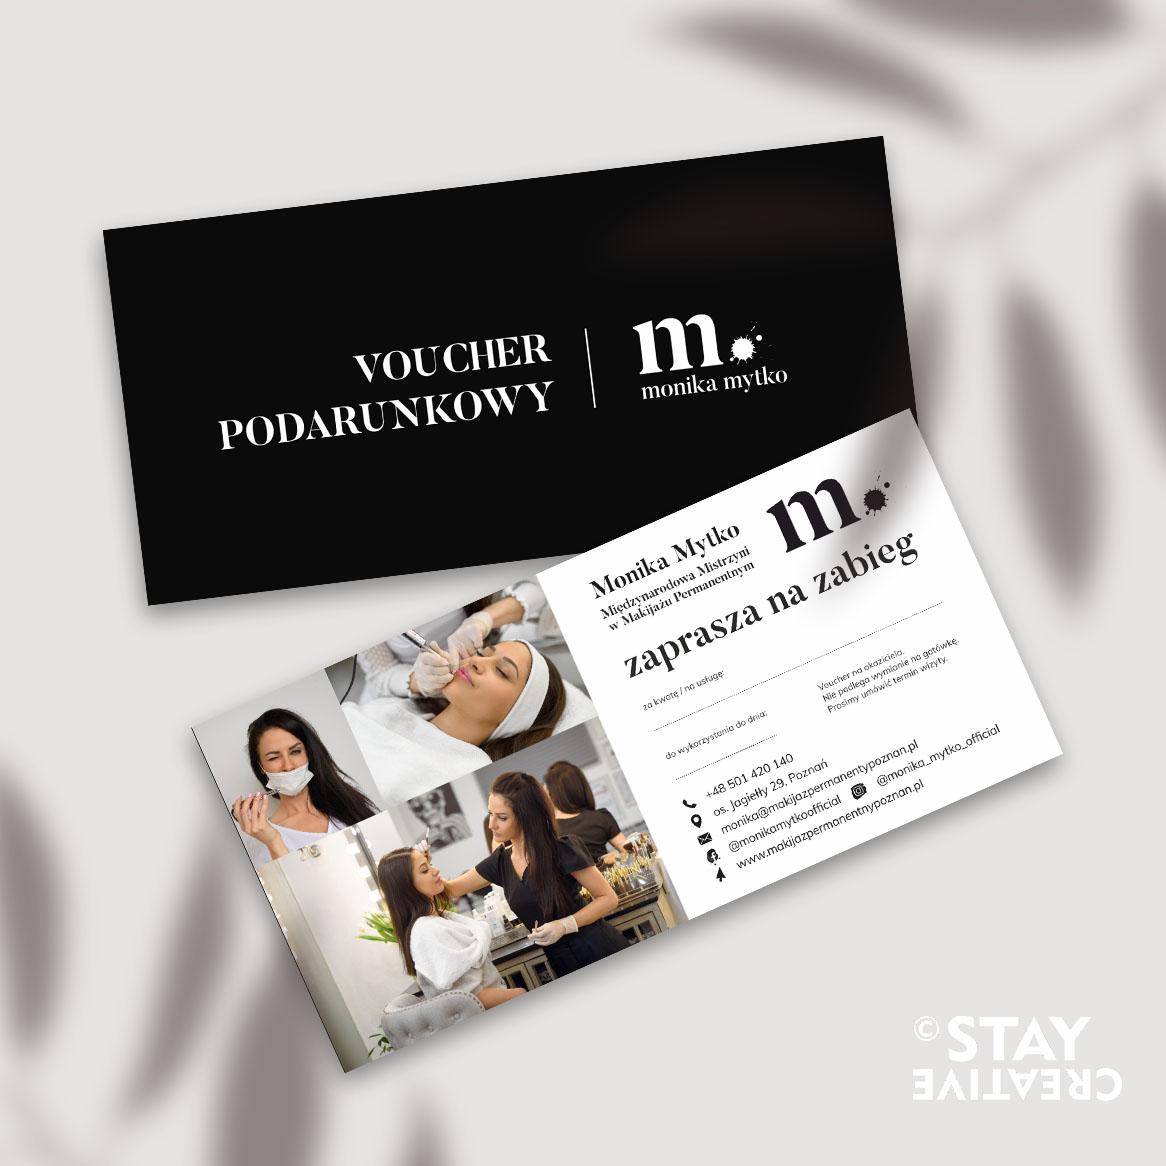 Voucher prezentowy dla salonu kosmetycznego Monika Mytko byStay Creative